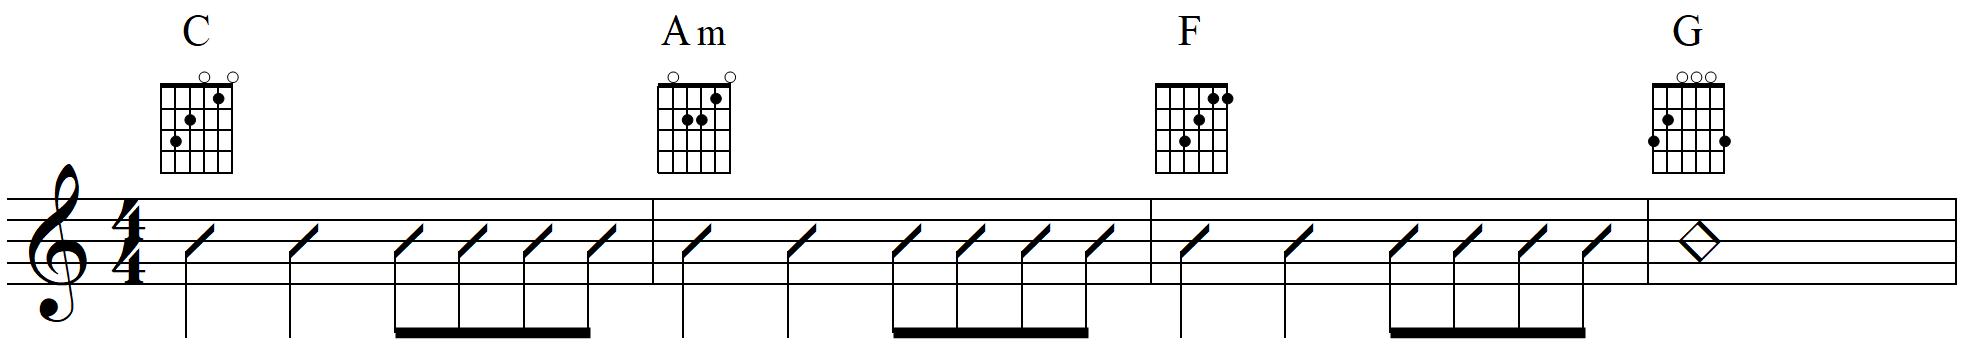 Chords with rhythms